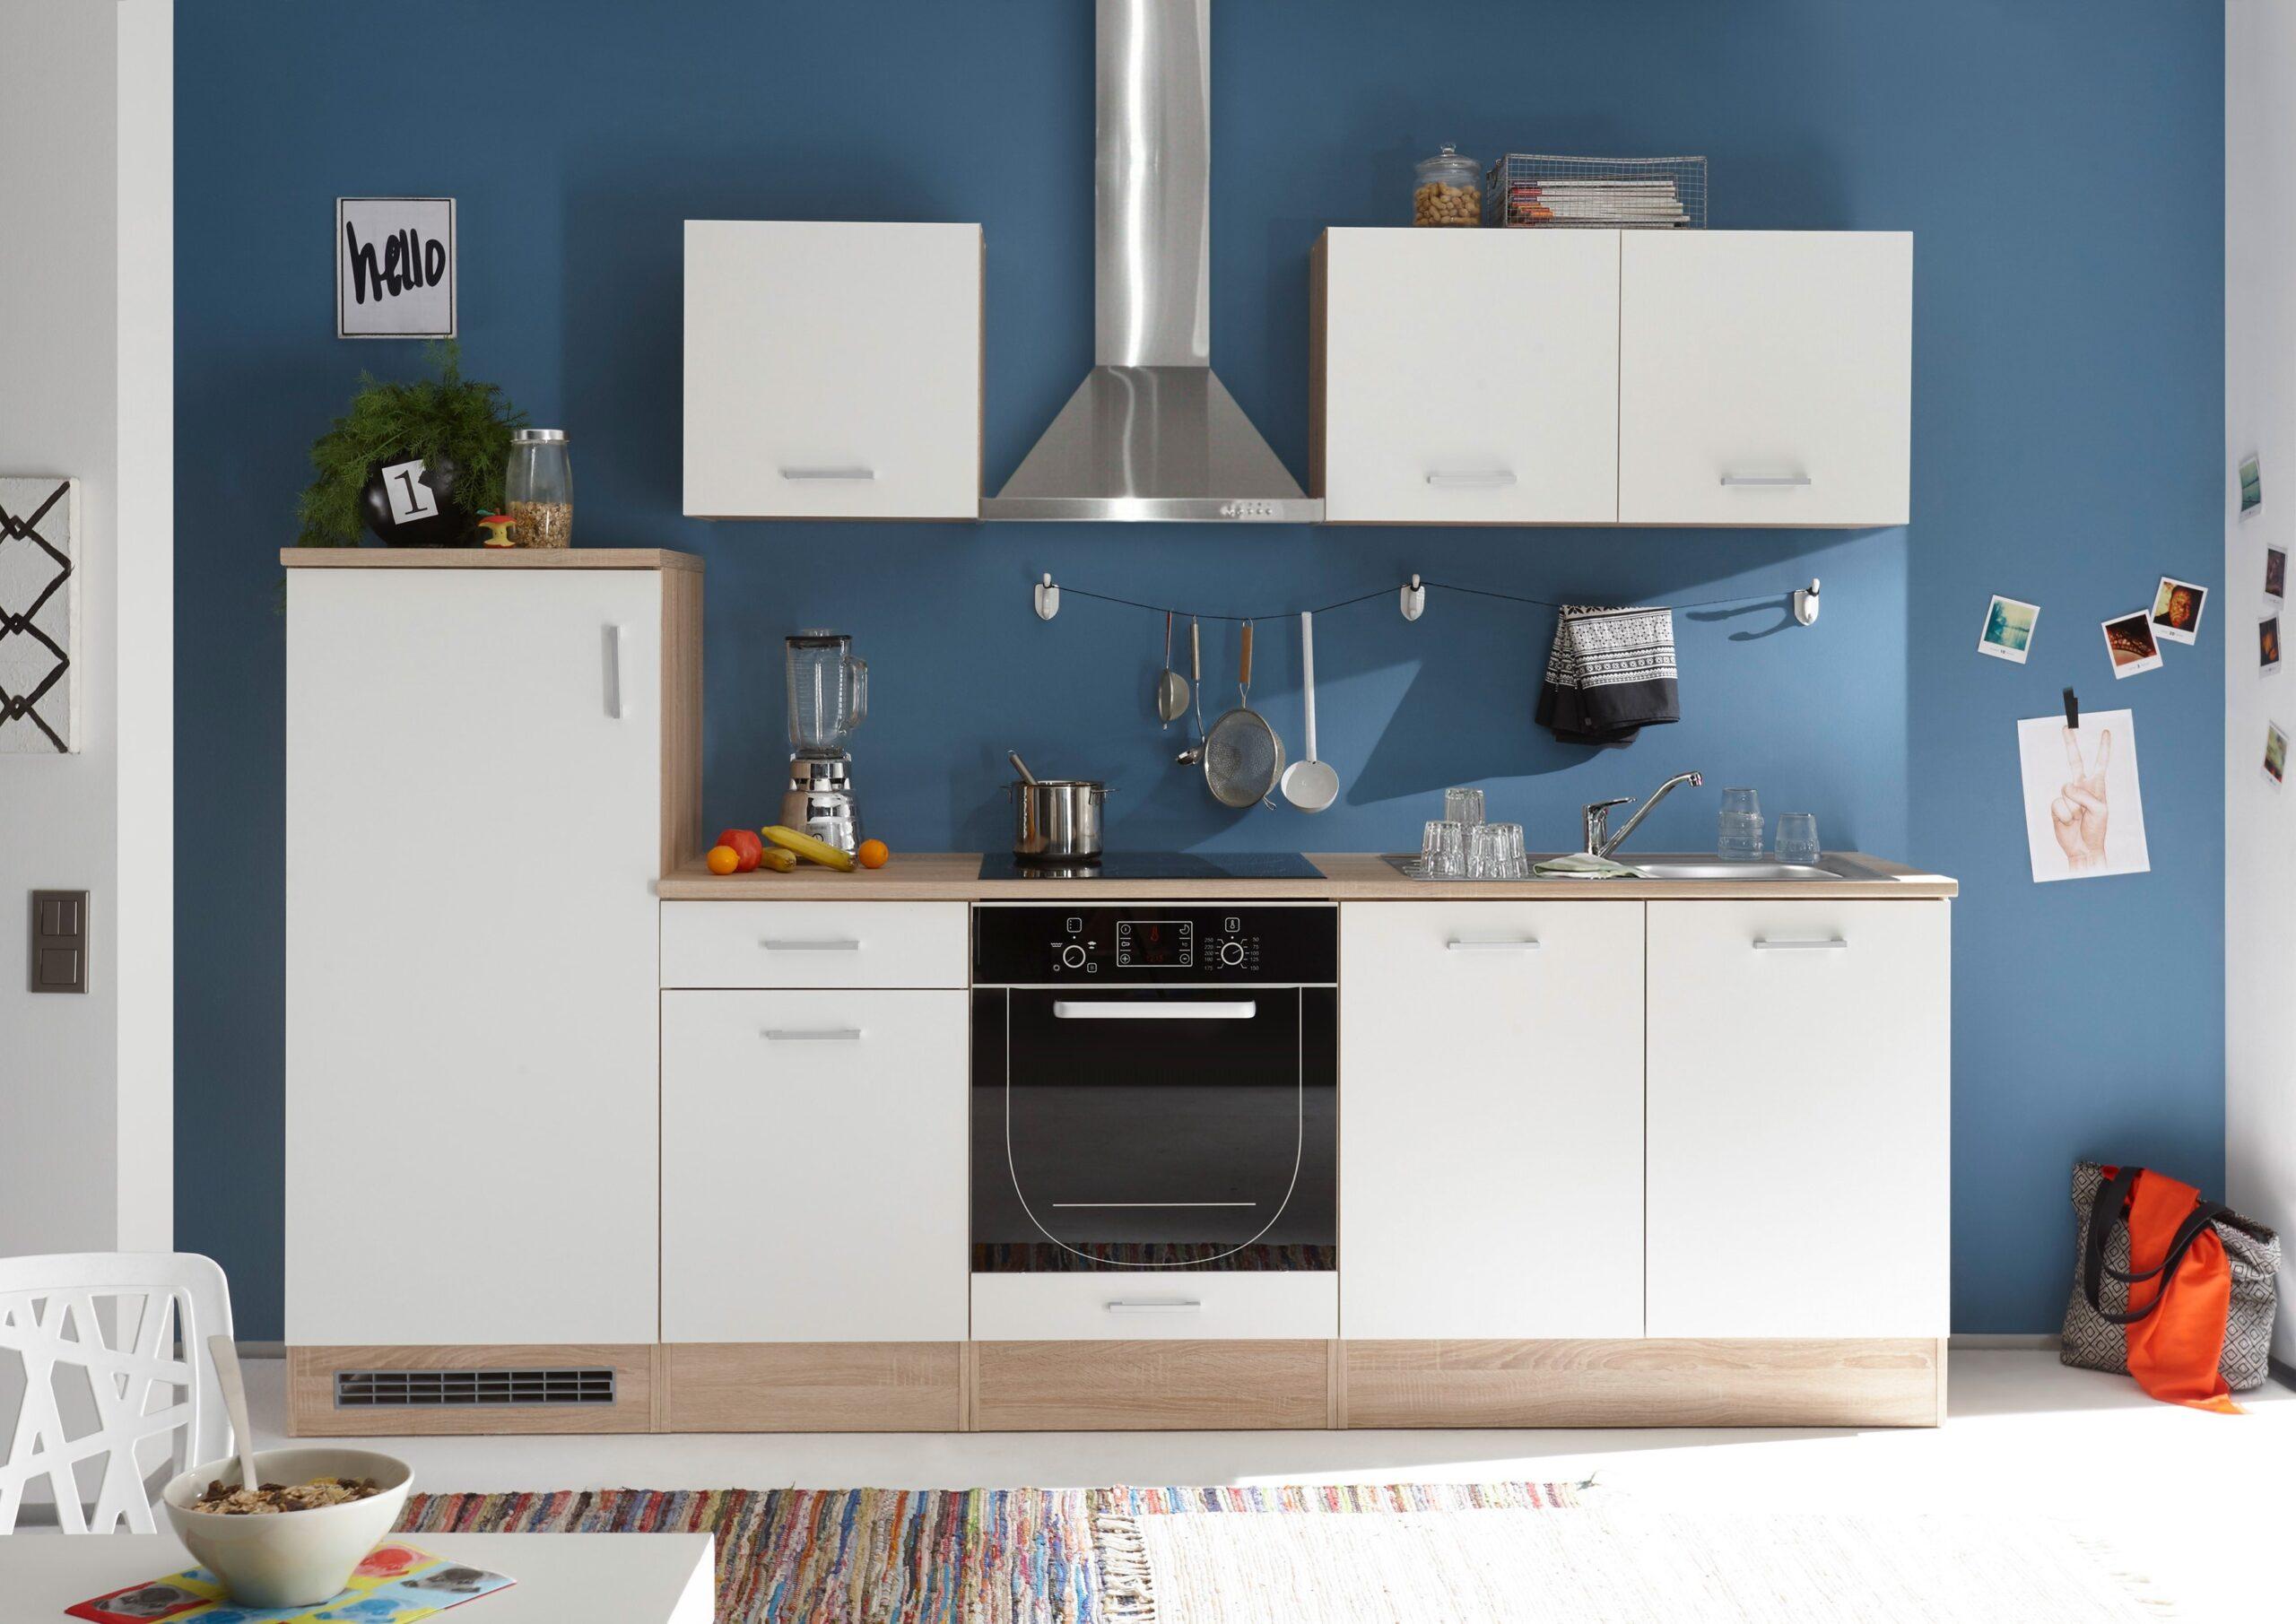 Full Size of Kche Andy Kchenblock Kchenzeile Komplettkche Real Miniküche Mit Kühlschrank Ikea Roller Regale Stengel Wohnzimmer Miniküche Roller